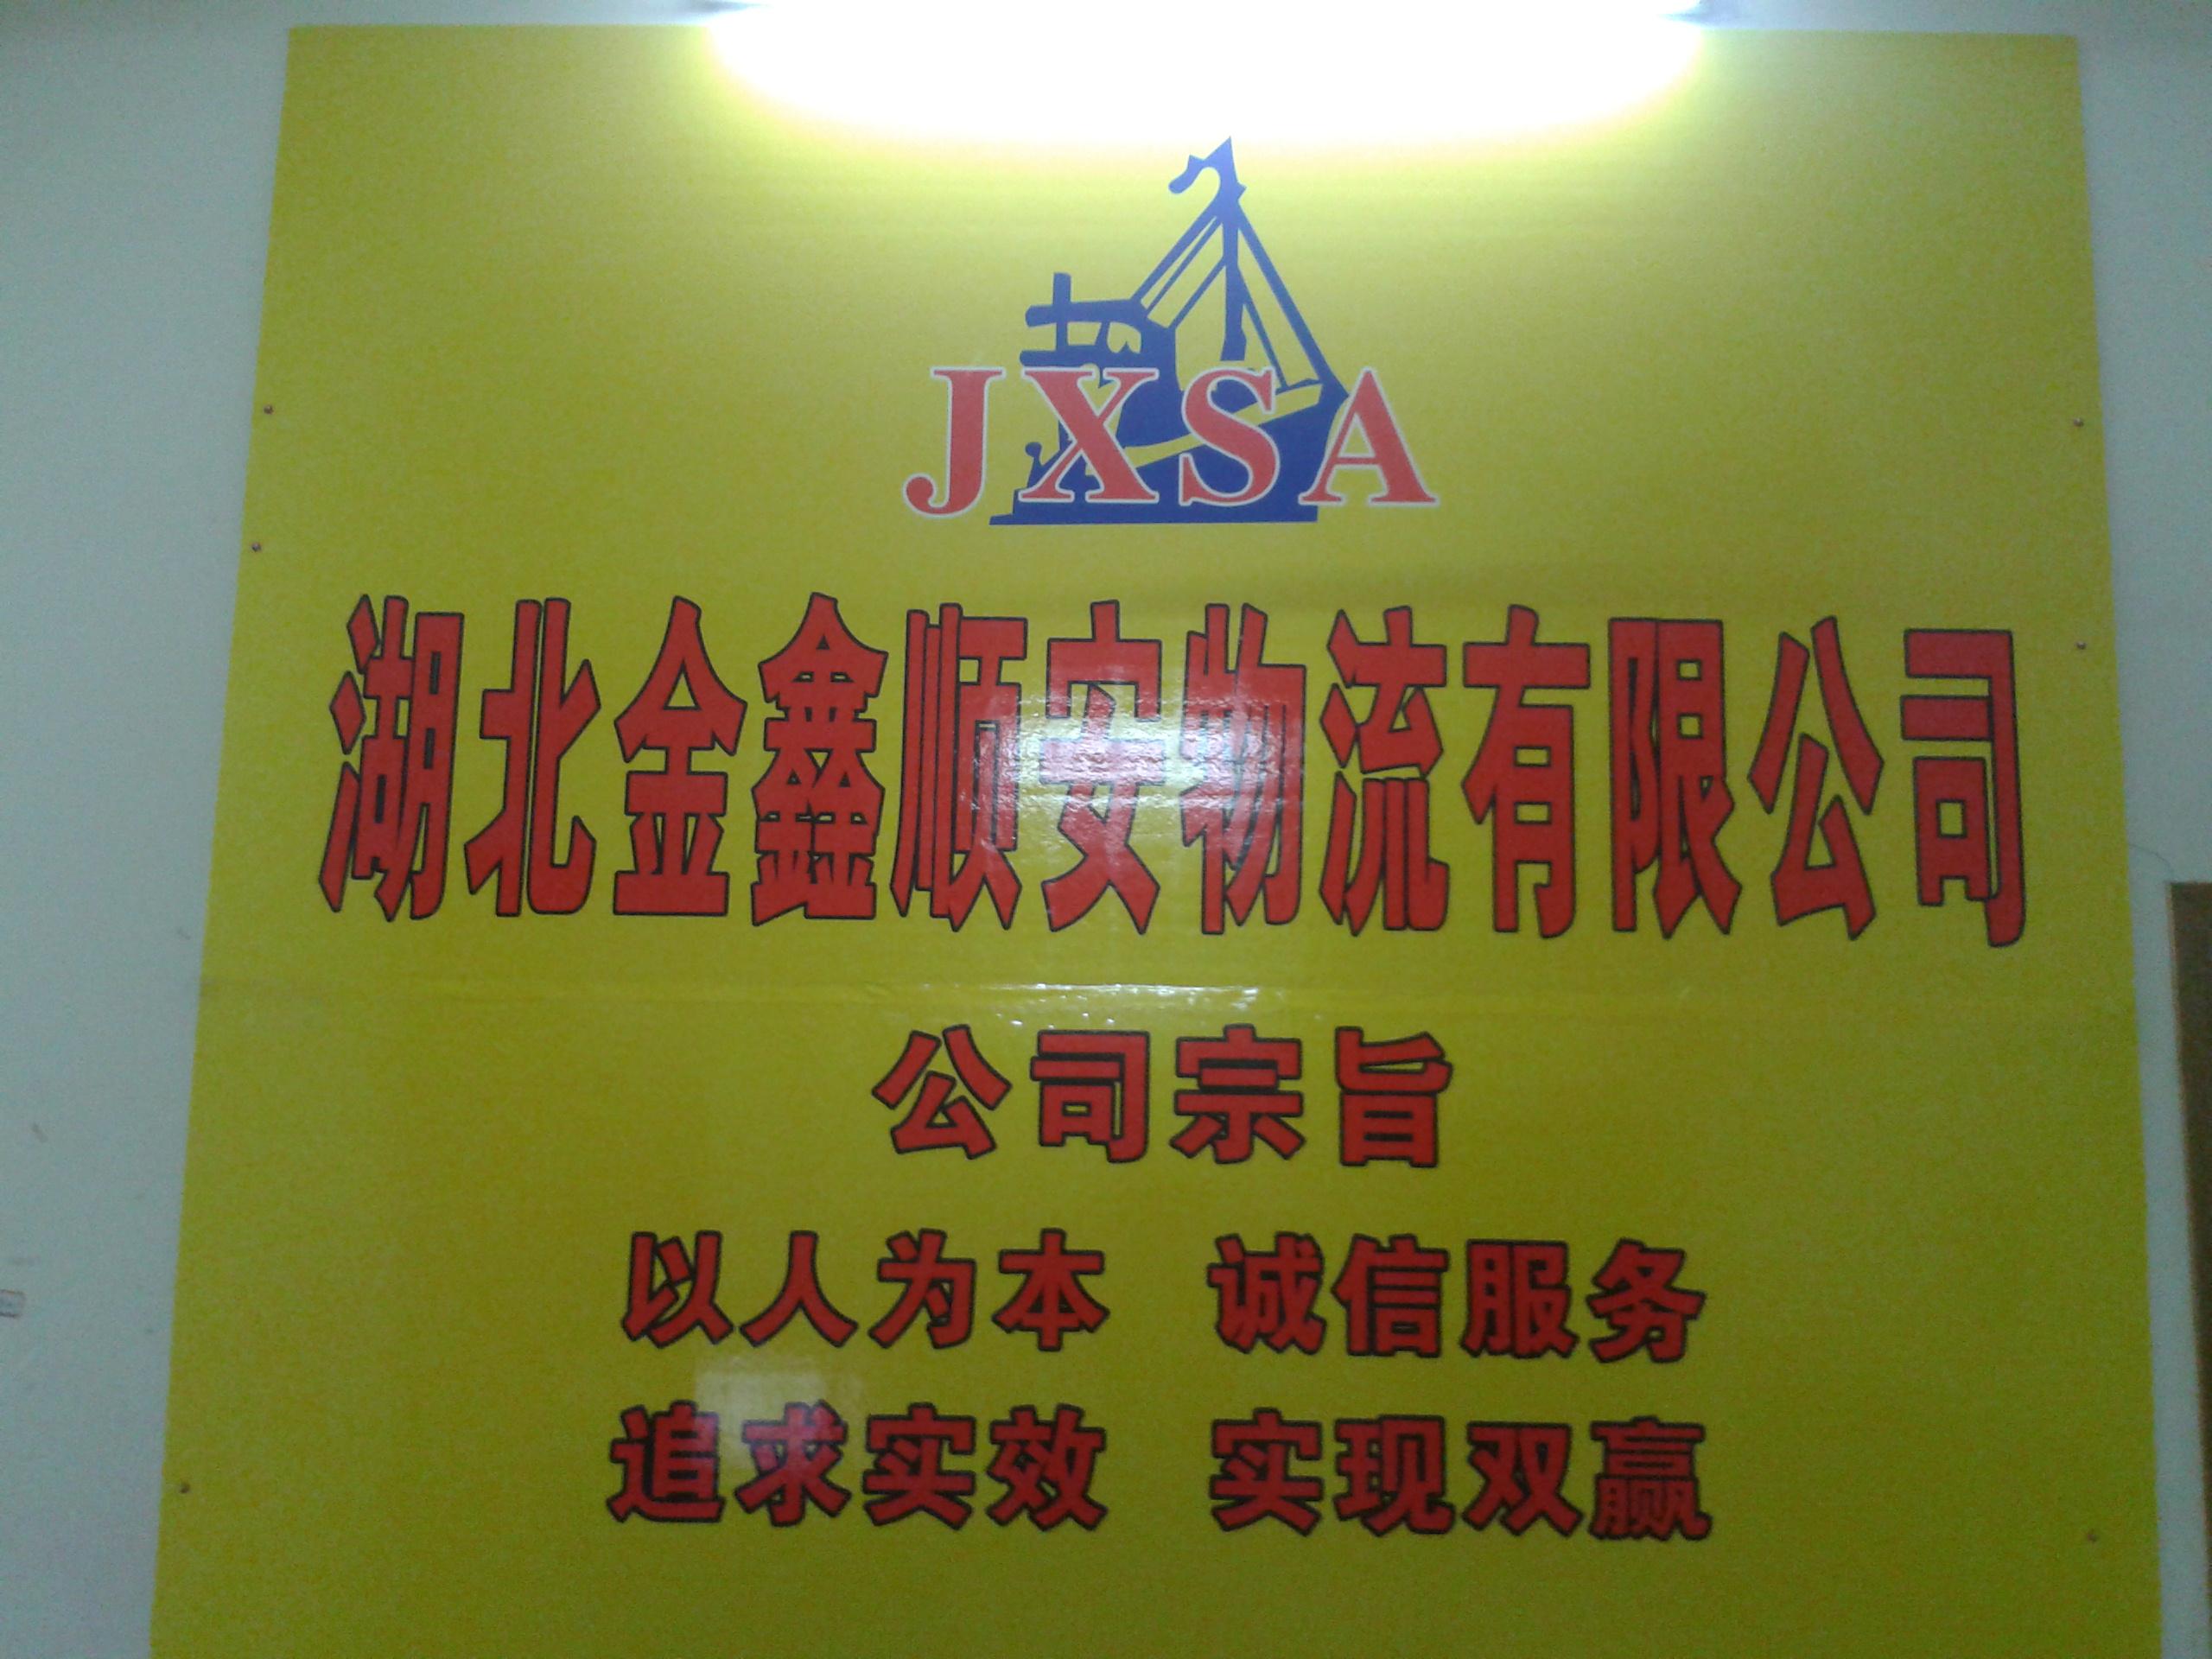 湖北金鑫※顺安物流有限公司